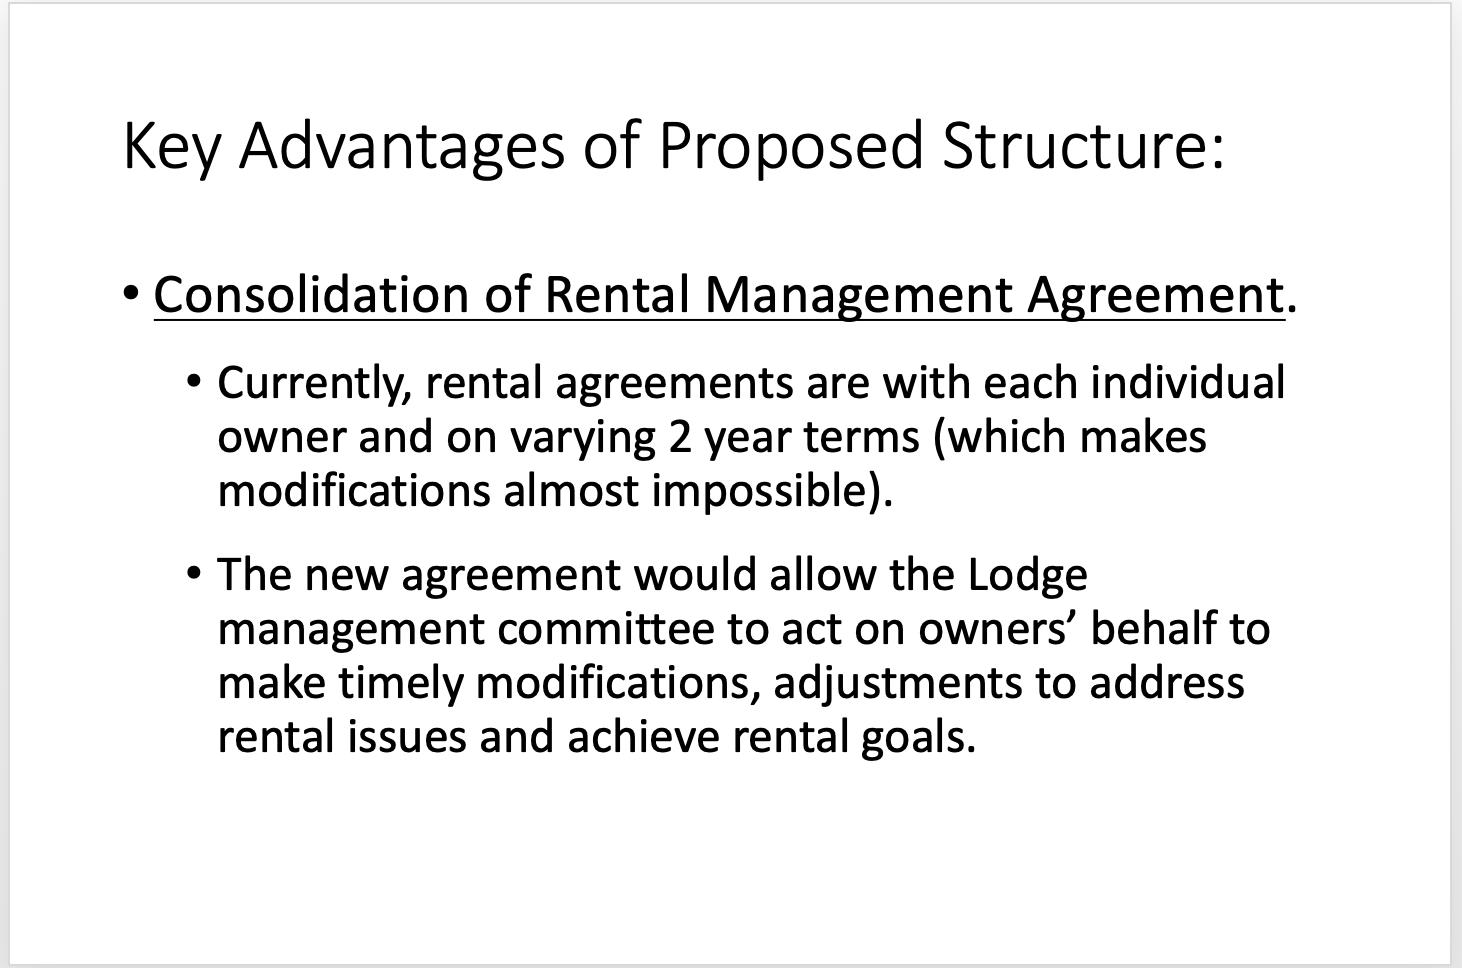 Key Advantages 7